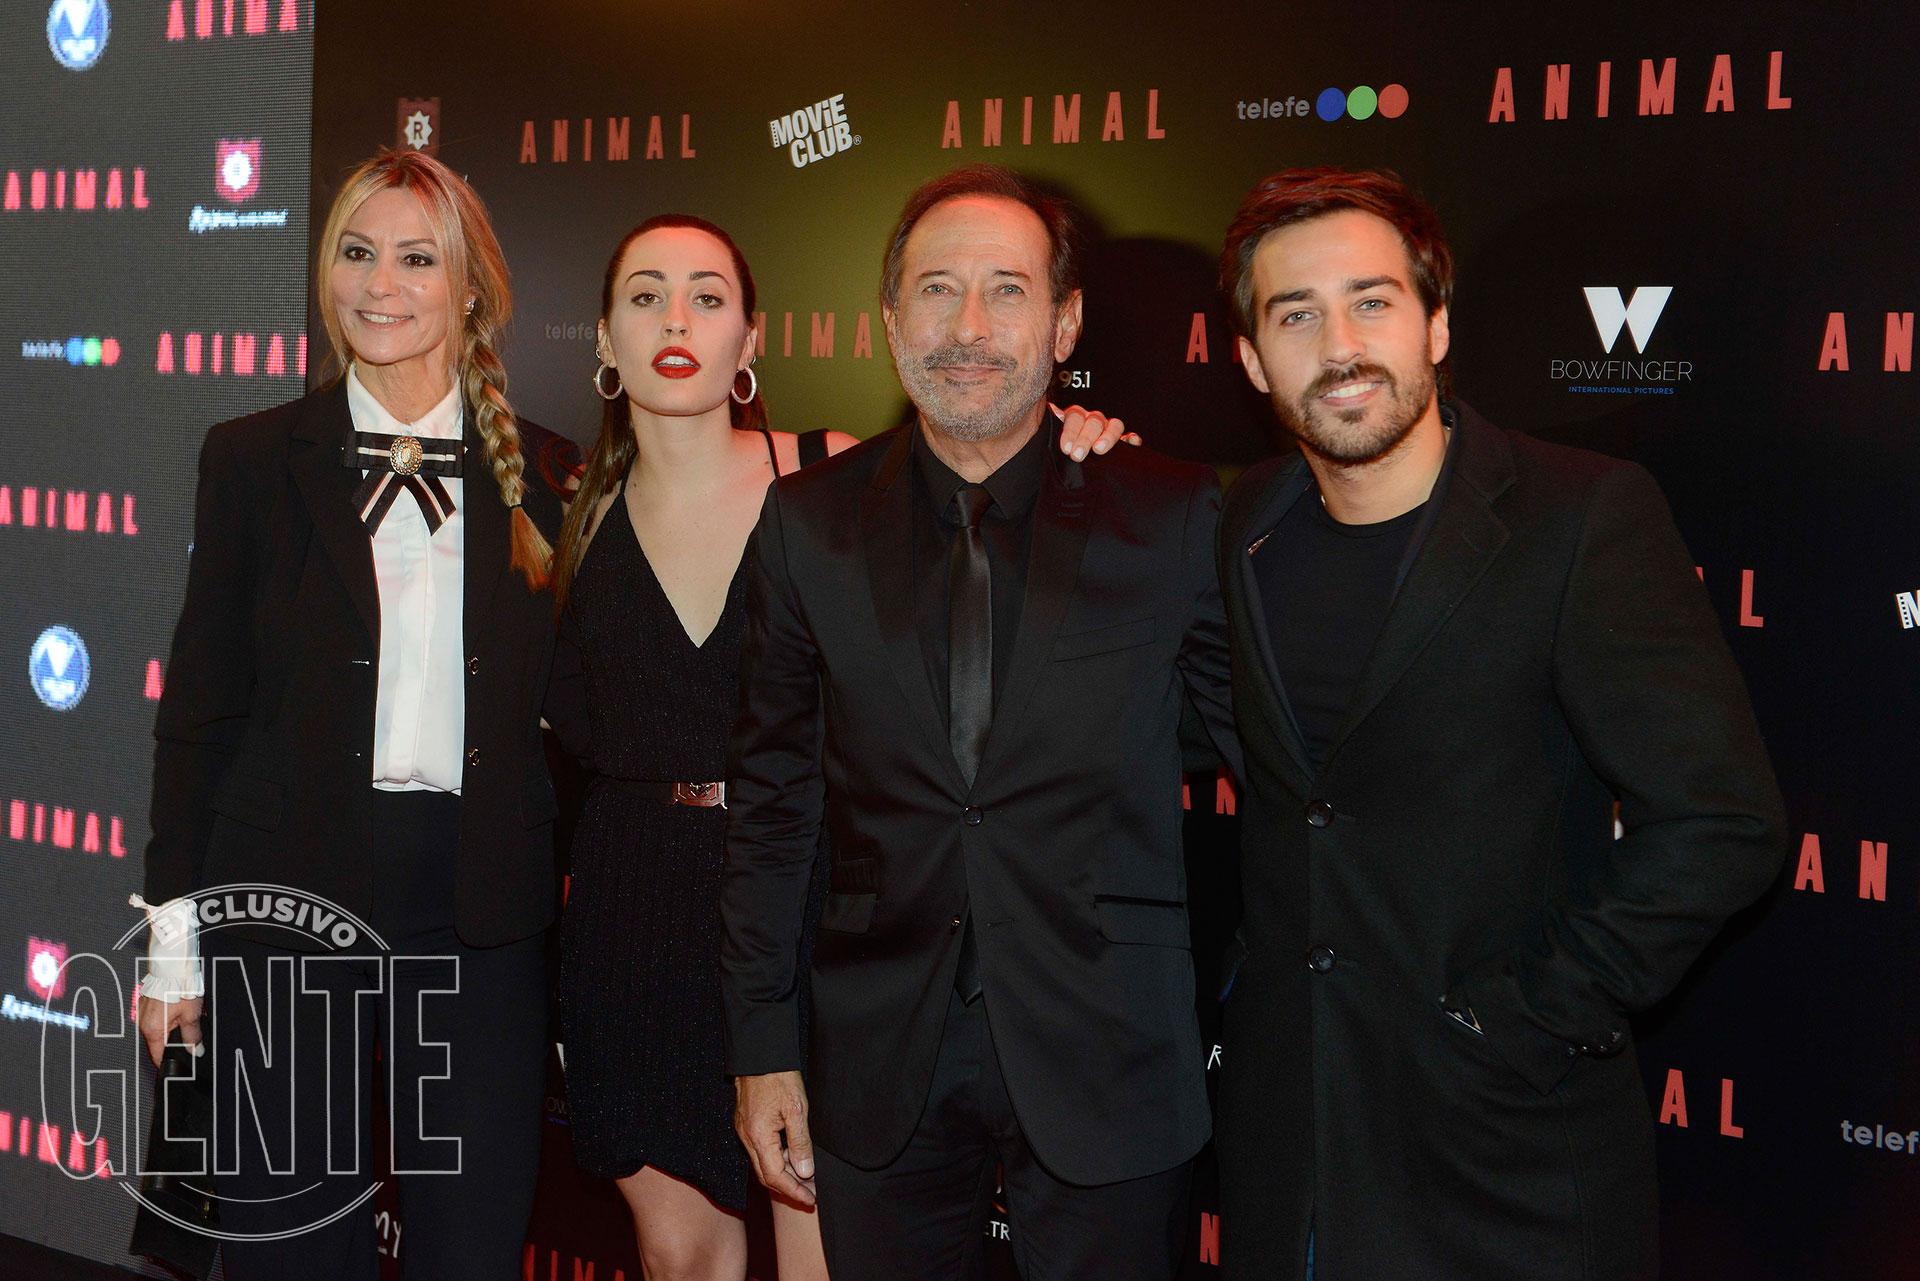 La familia Francella: Marinés, Yoyi, Guillermo y Nico (Foto Francisco Trombeta/GENTE)